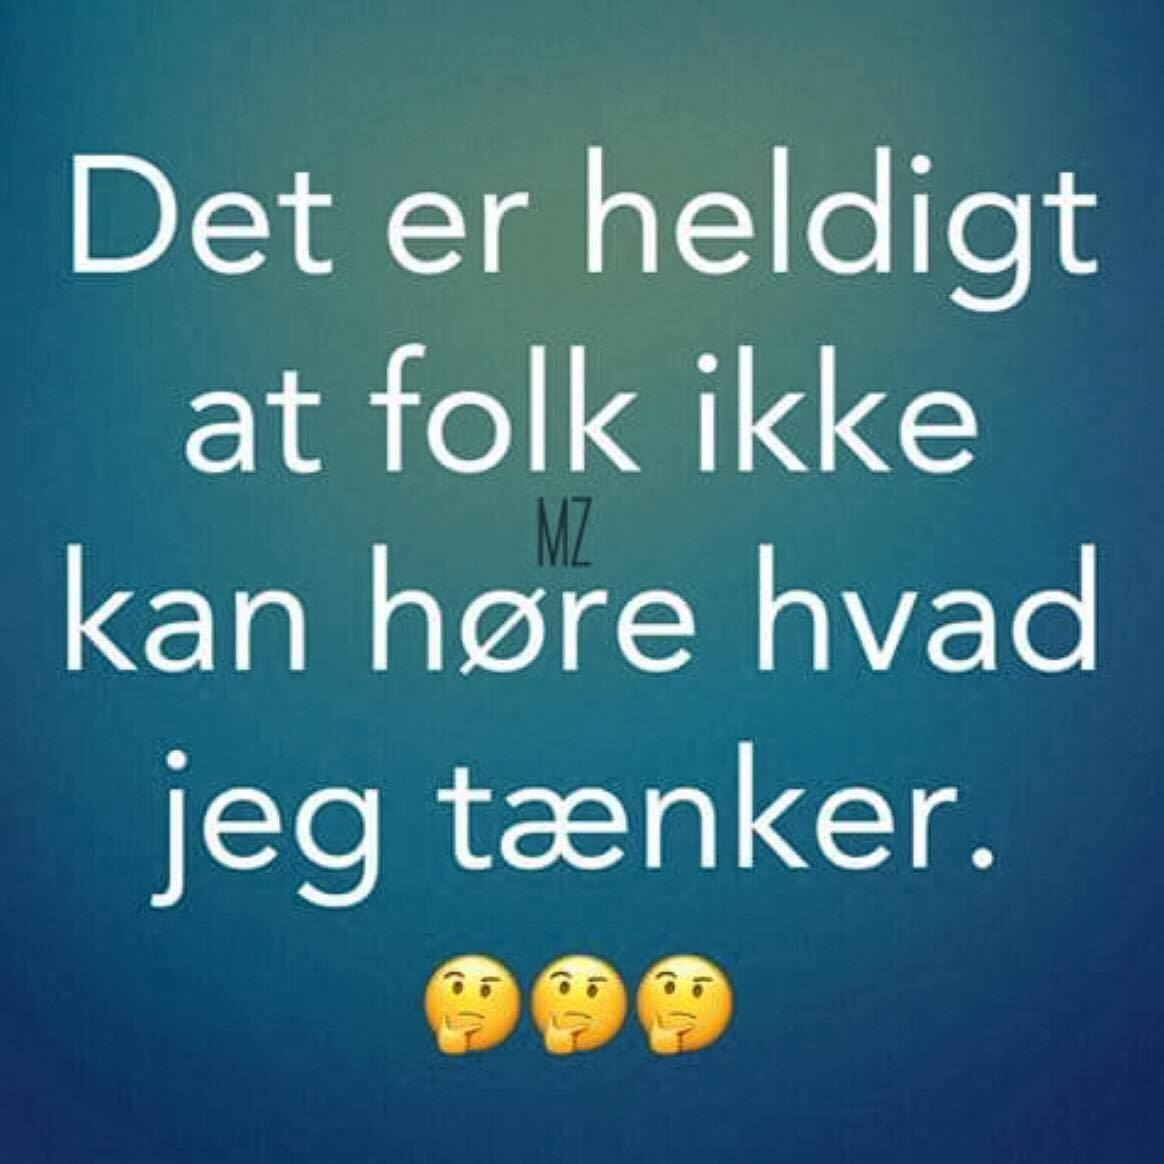 folk - Danmarks bedste citater, Visdom.dk glæder sig til at byde dig velkommen.